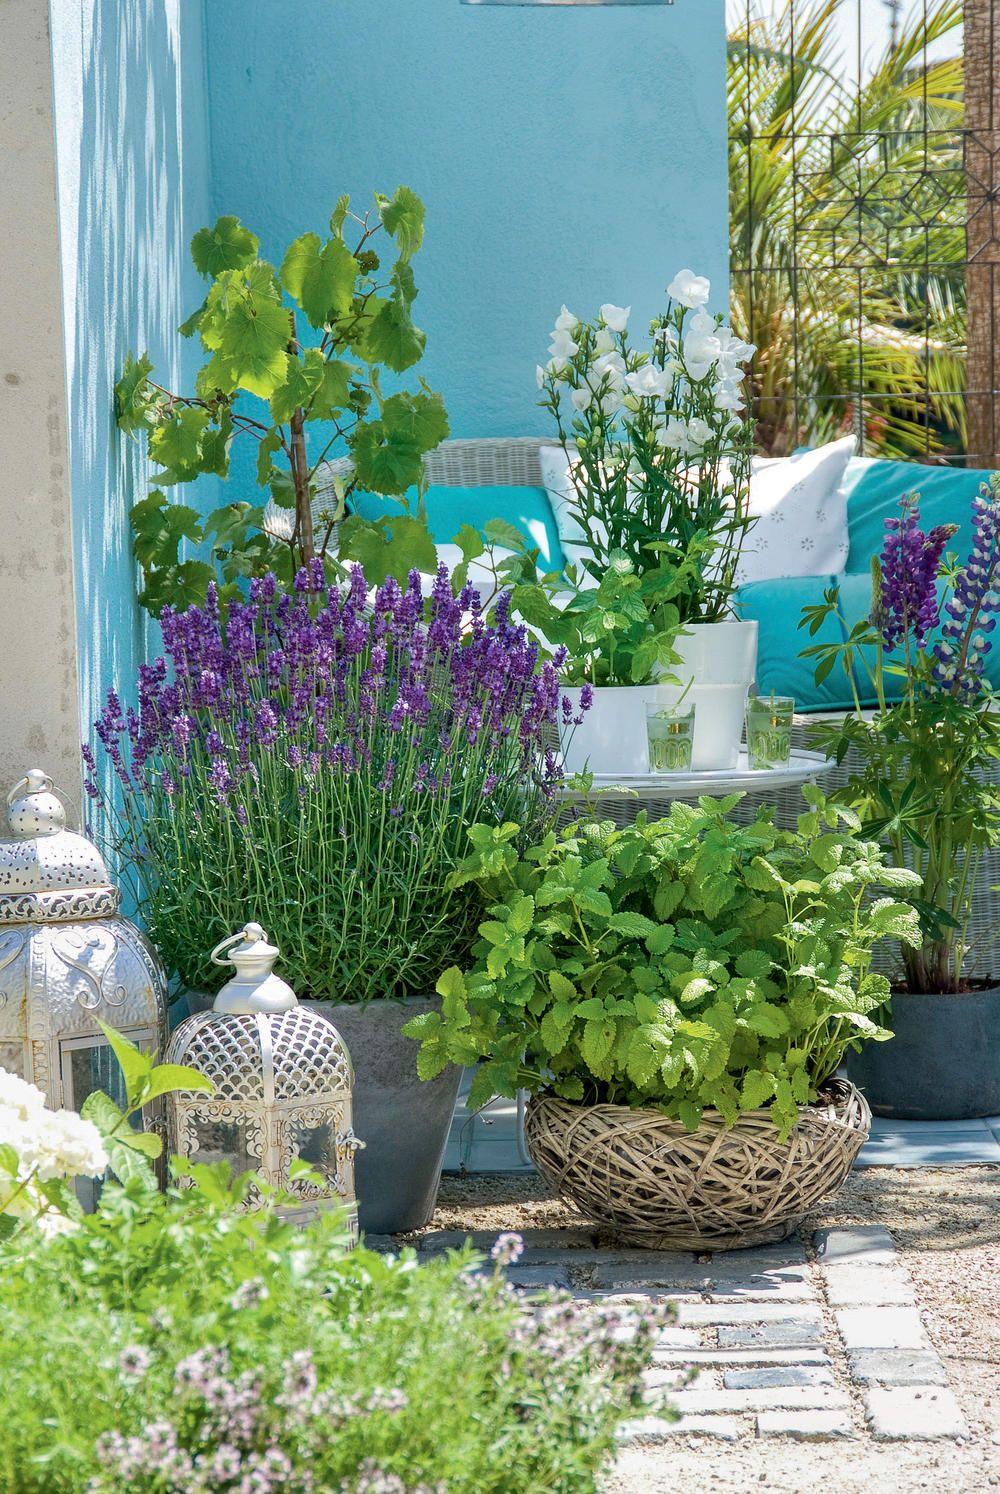 Ideen Mit Lavendel Vom Garten Bis Zur Kuche Bepflanzung Gartenprojekte Lavendel Pflanzen